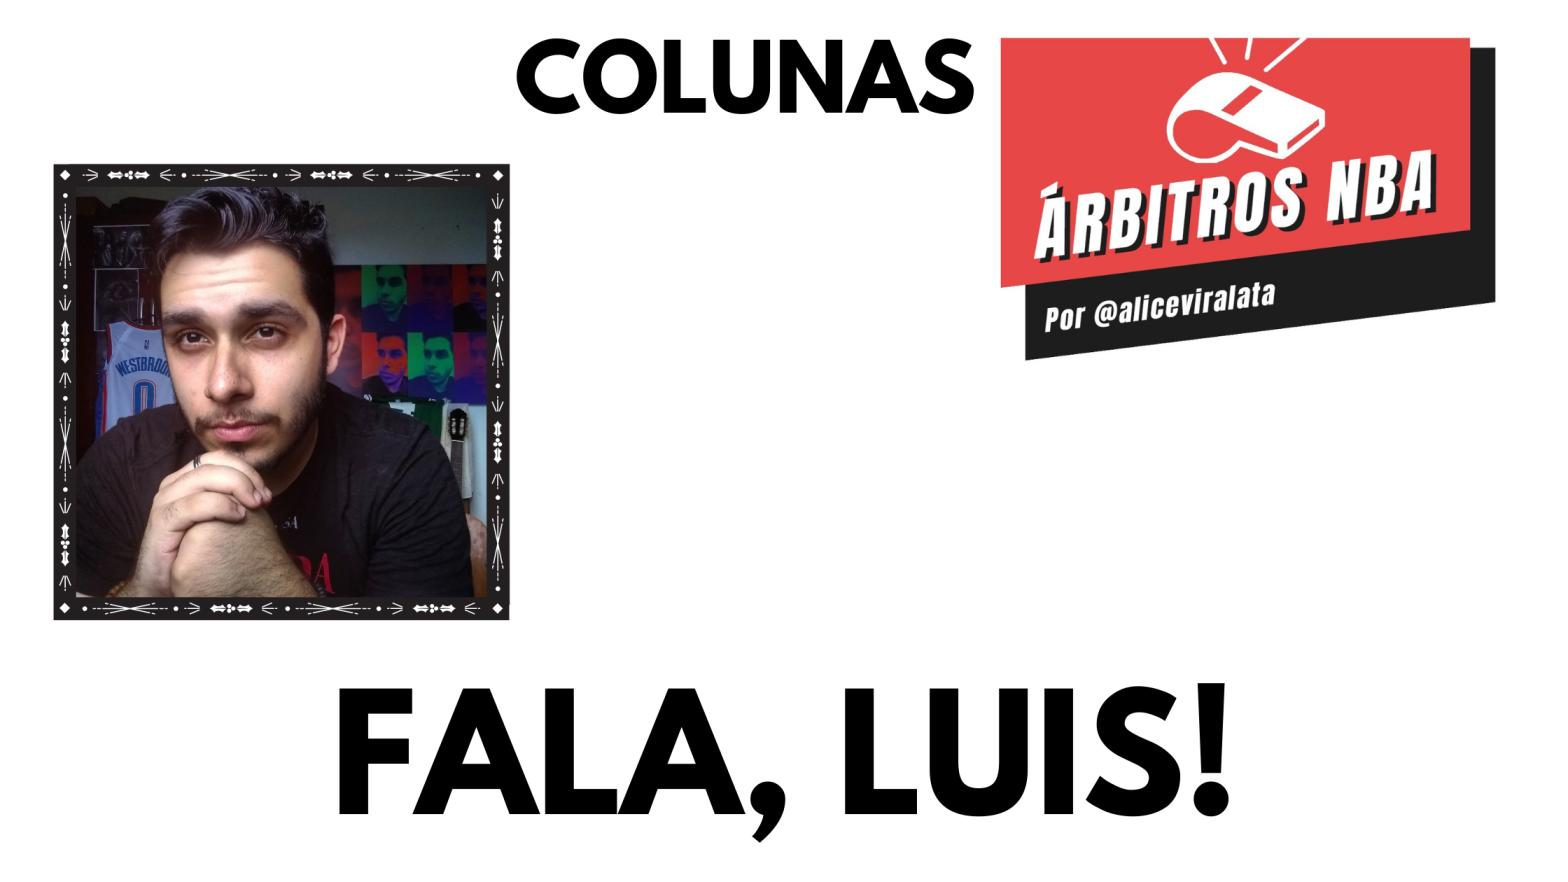 Coluna Fala Luis